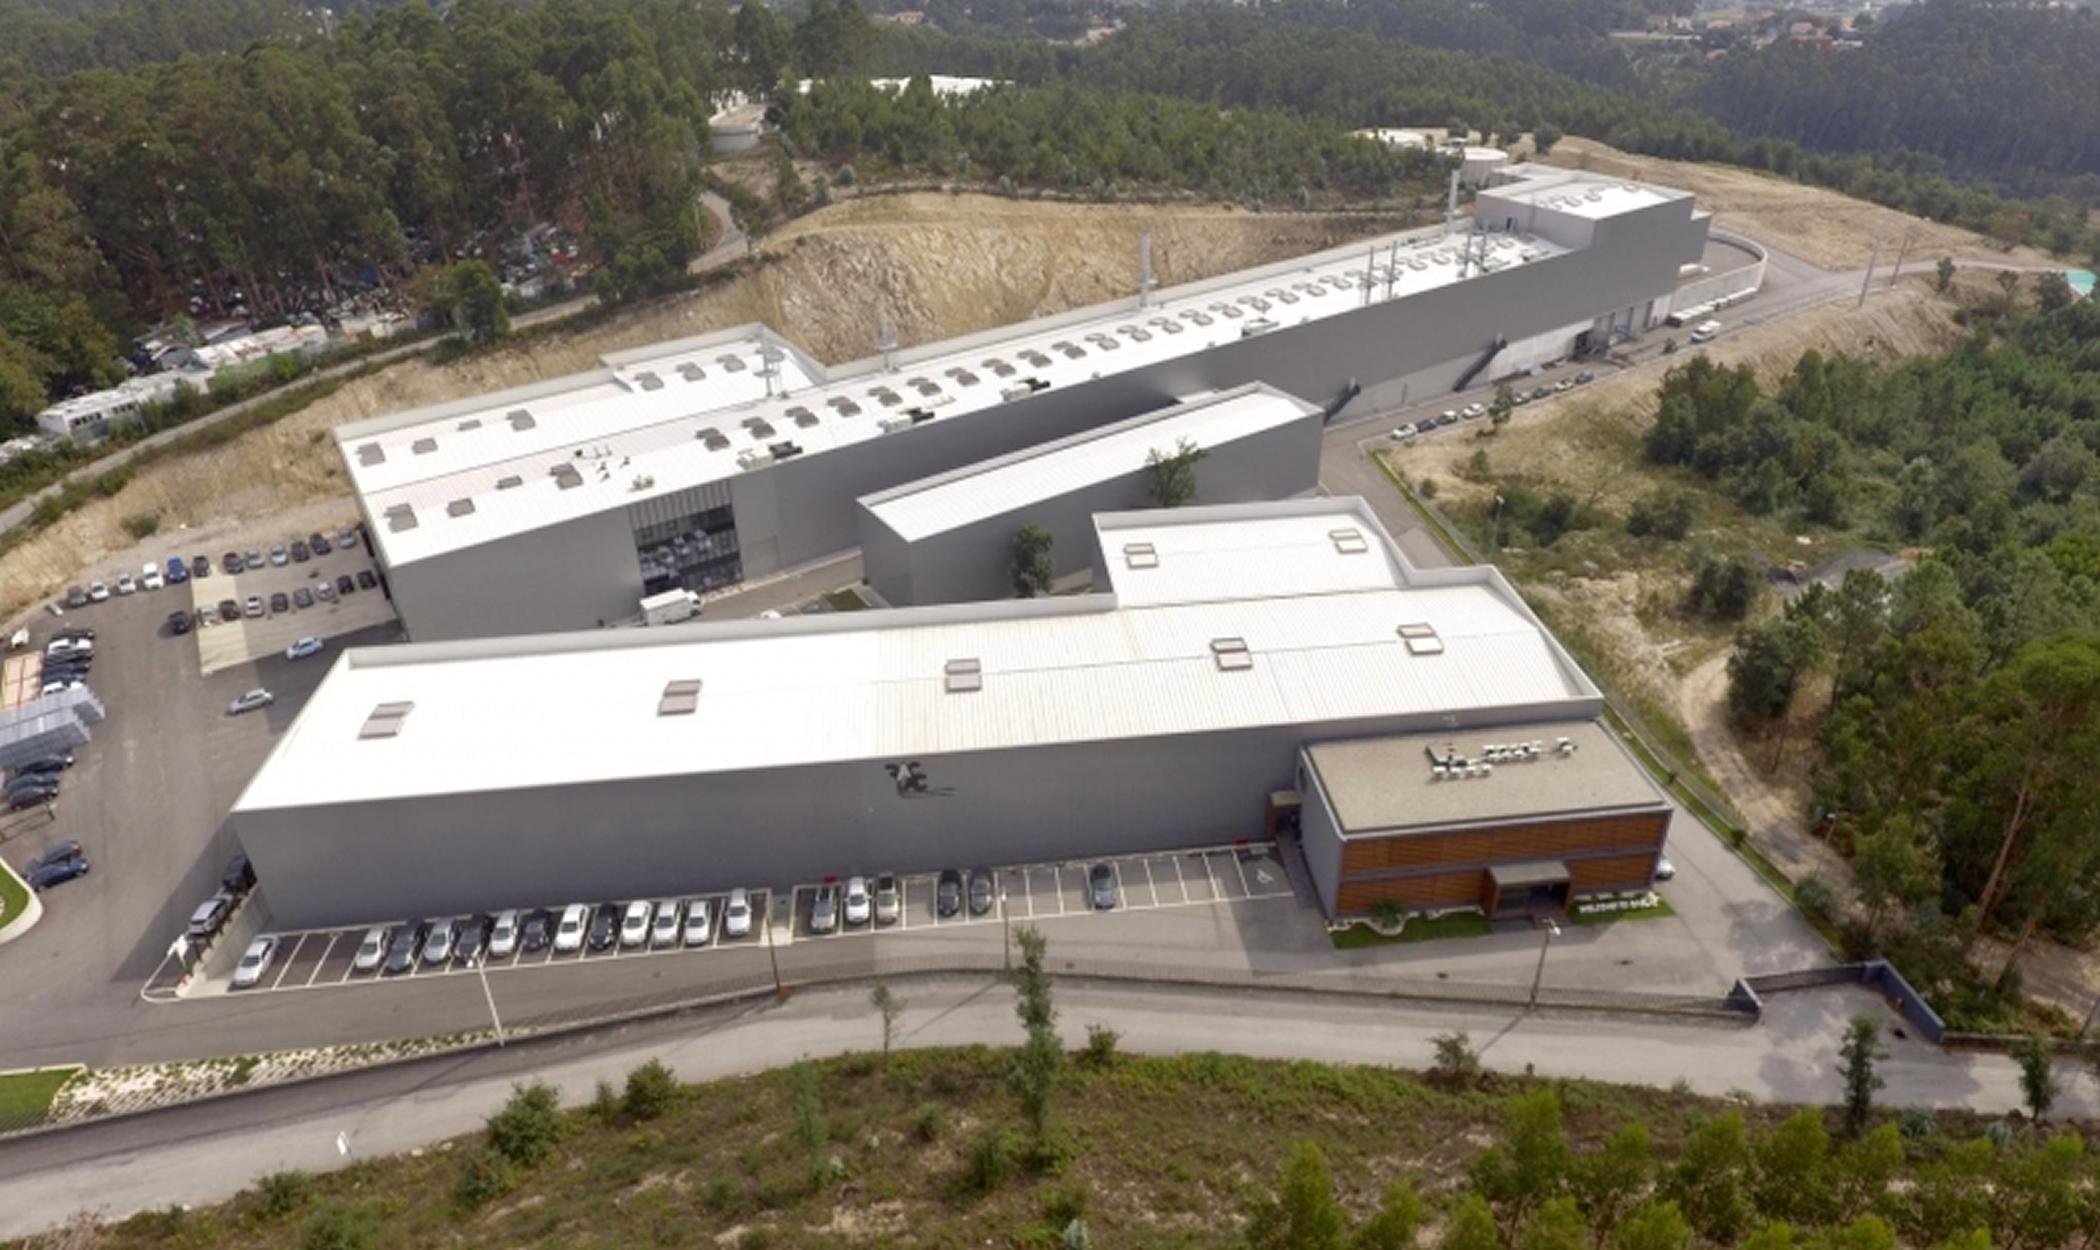 Unidade Industrial RACLAC em Famalicão